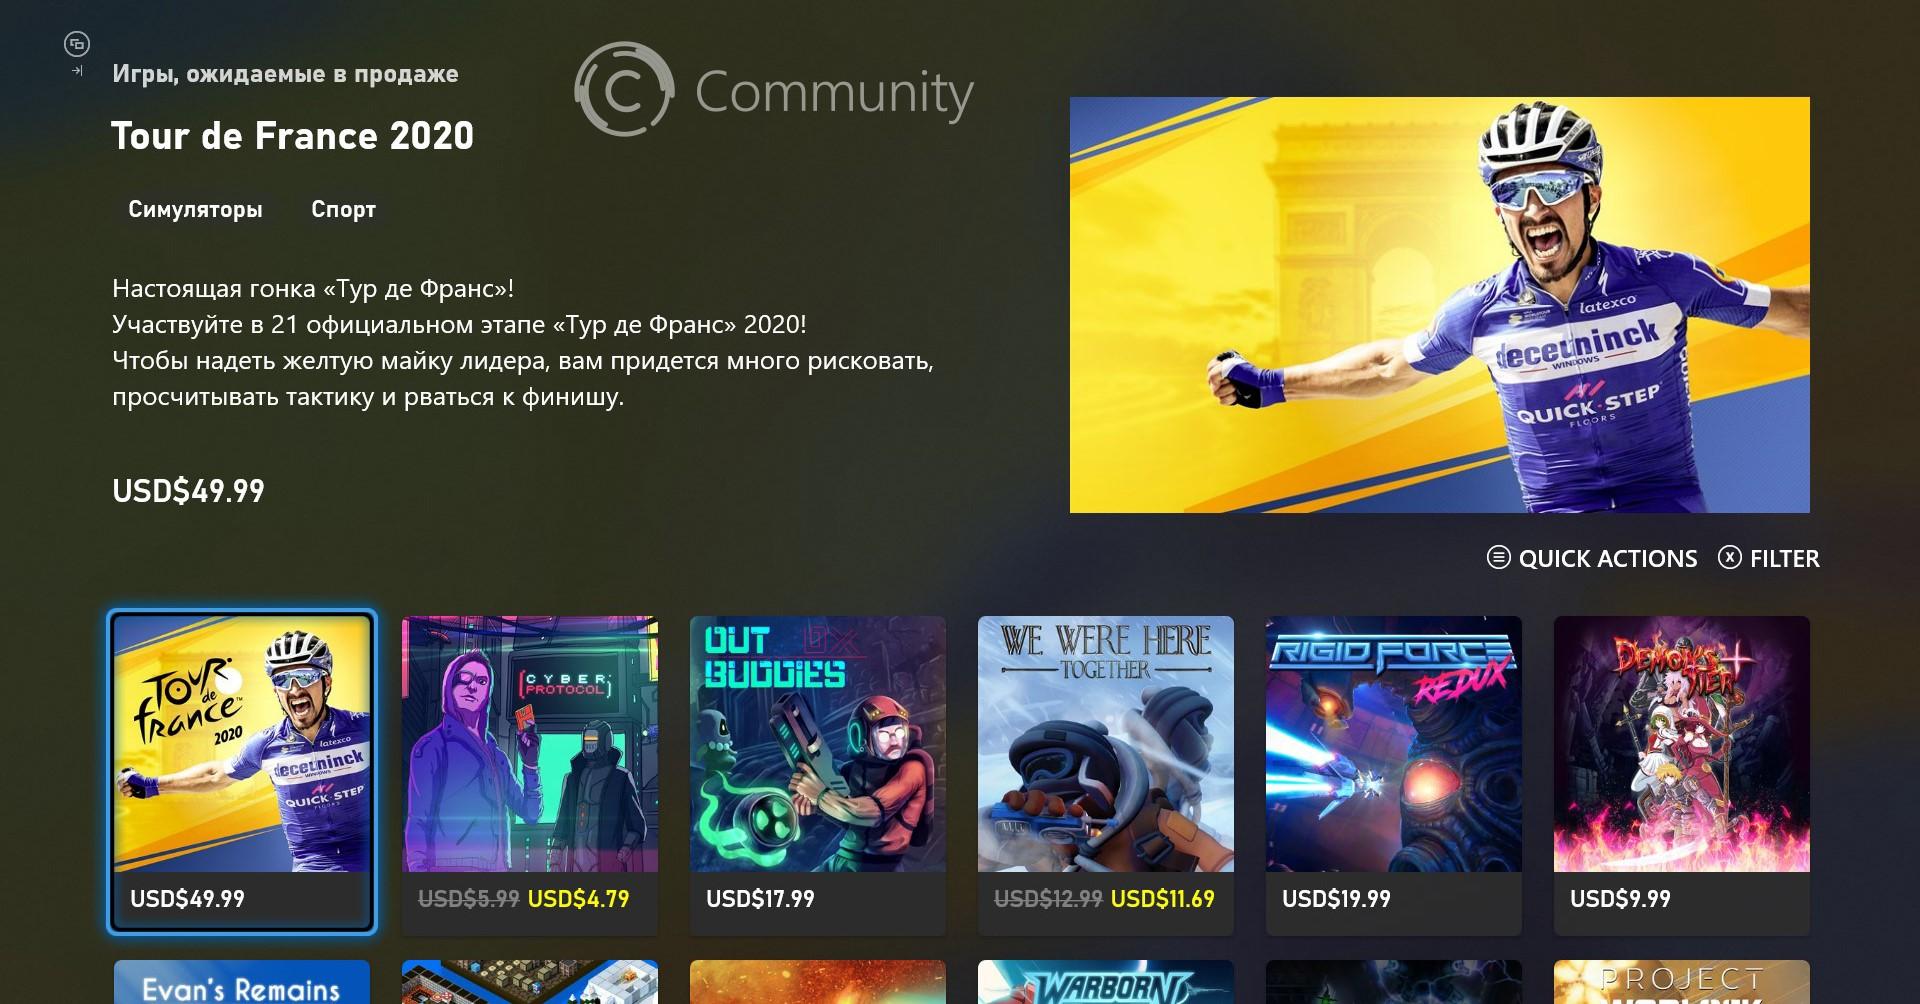 Interfaccia nuovo store Xbox Mercury 5